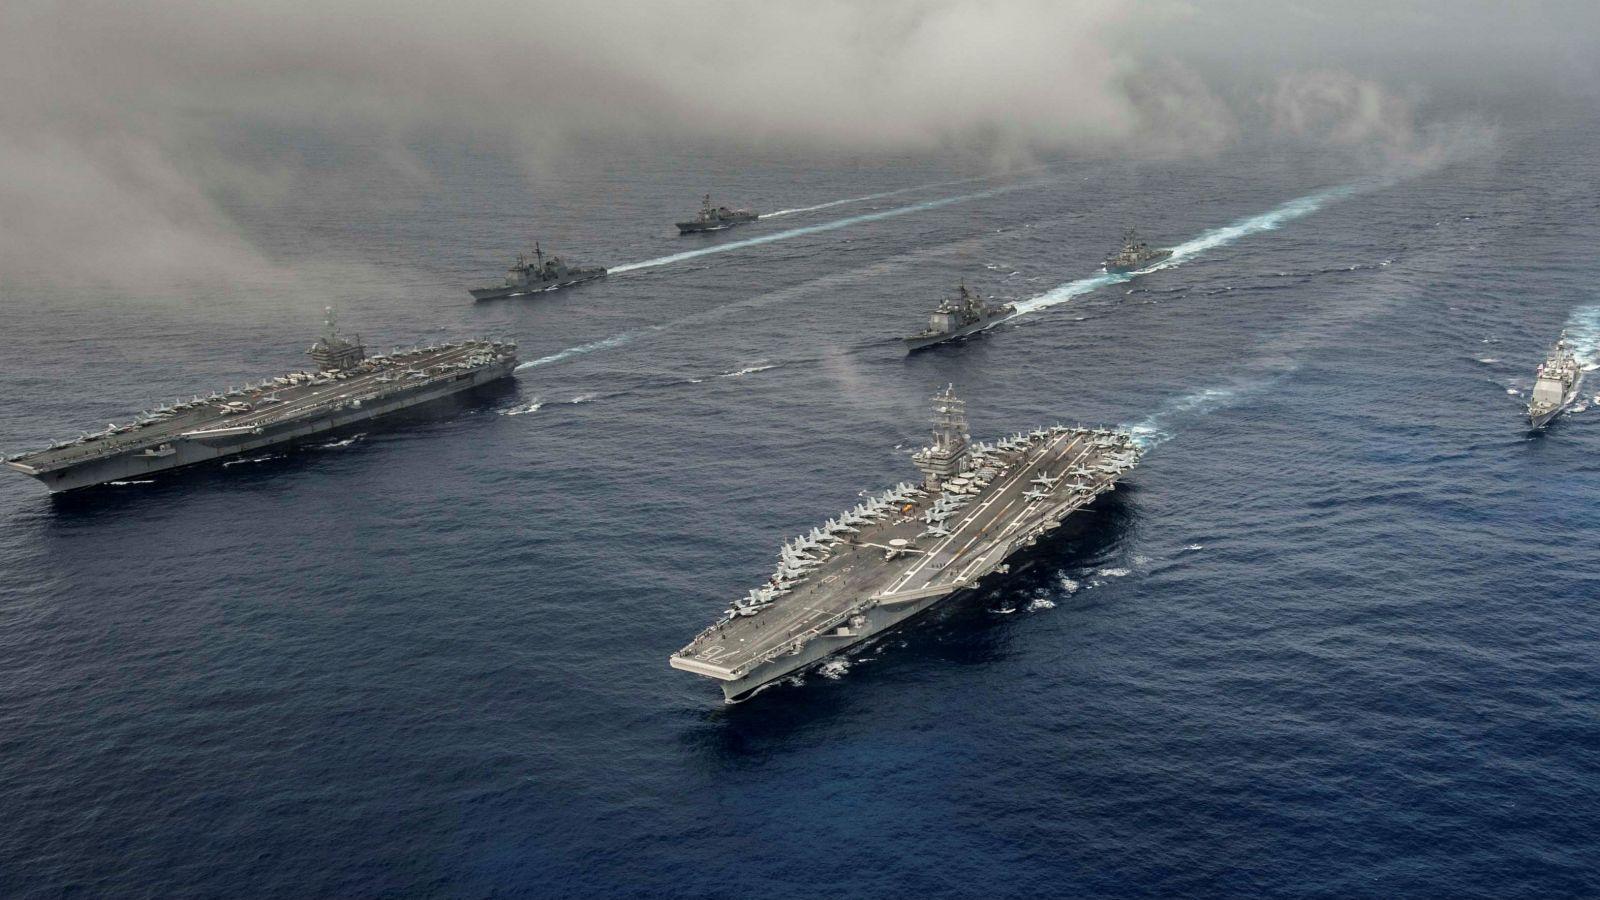 ระบุมะกันเจอวิกฤตมั่นคงการทหาร  เตือนโอกาสสูงที่จะรบแพ้จีน-รัสเซีย